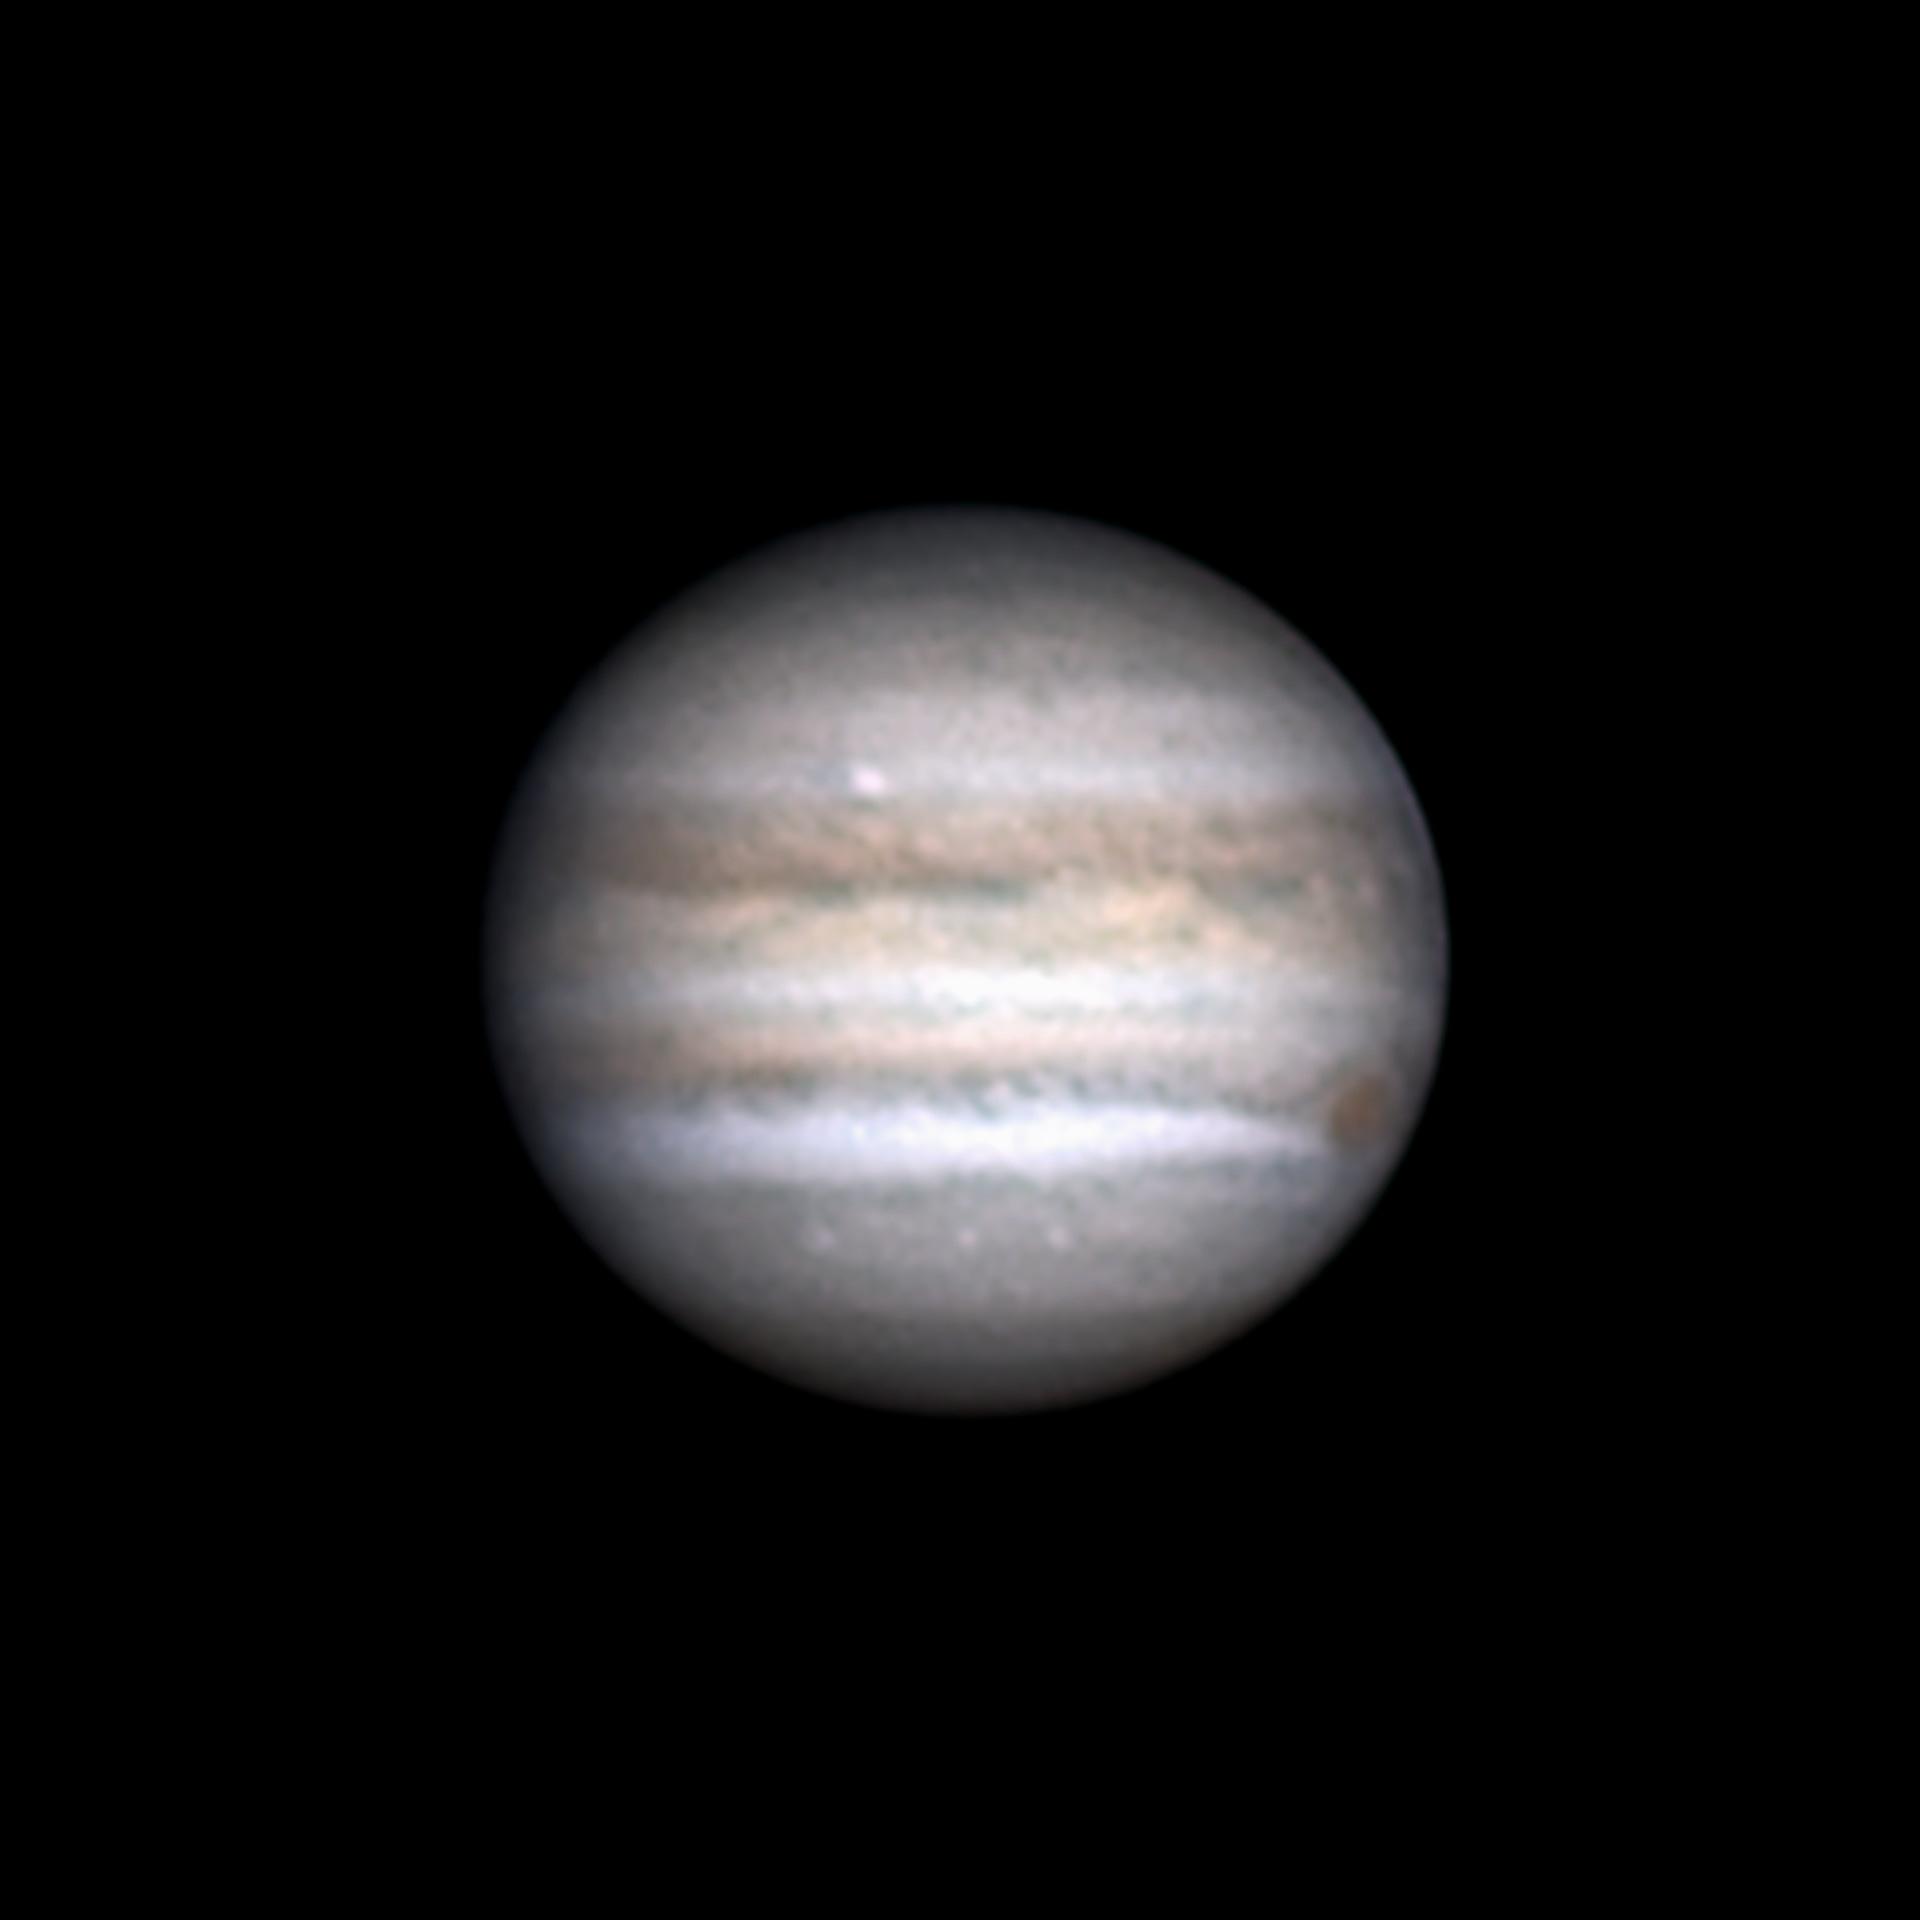 2020-08-21-2038_2-RGB-derot_2.jpeg.ade9976d03a1de7564f45512428dd507.jpeg